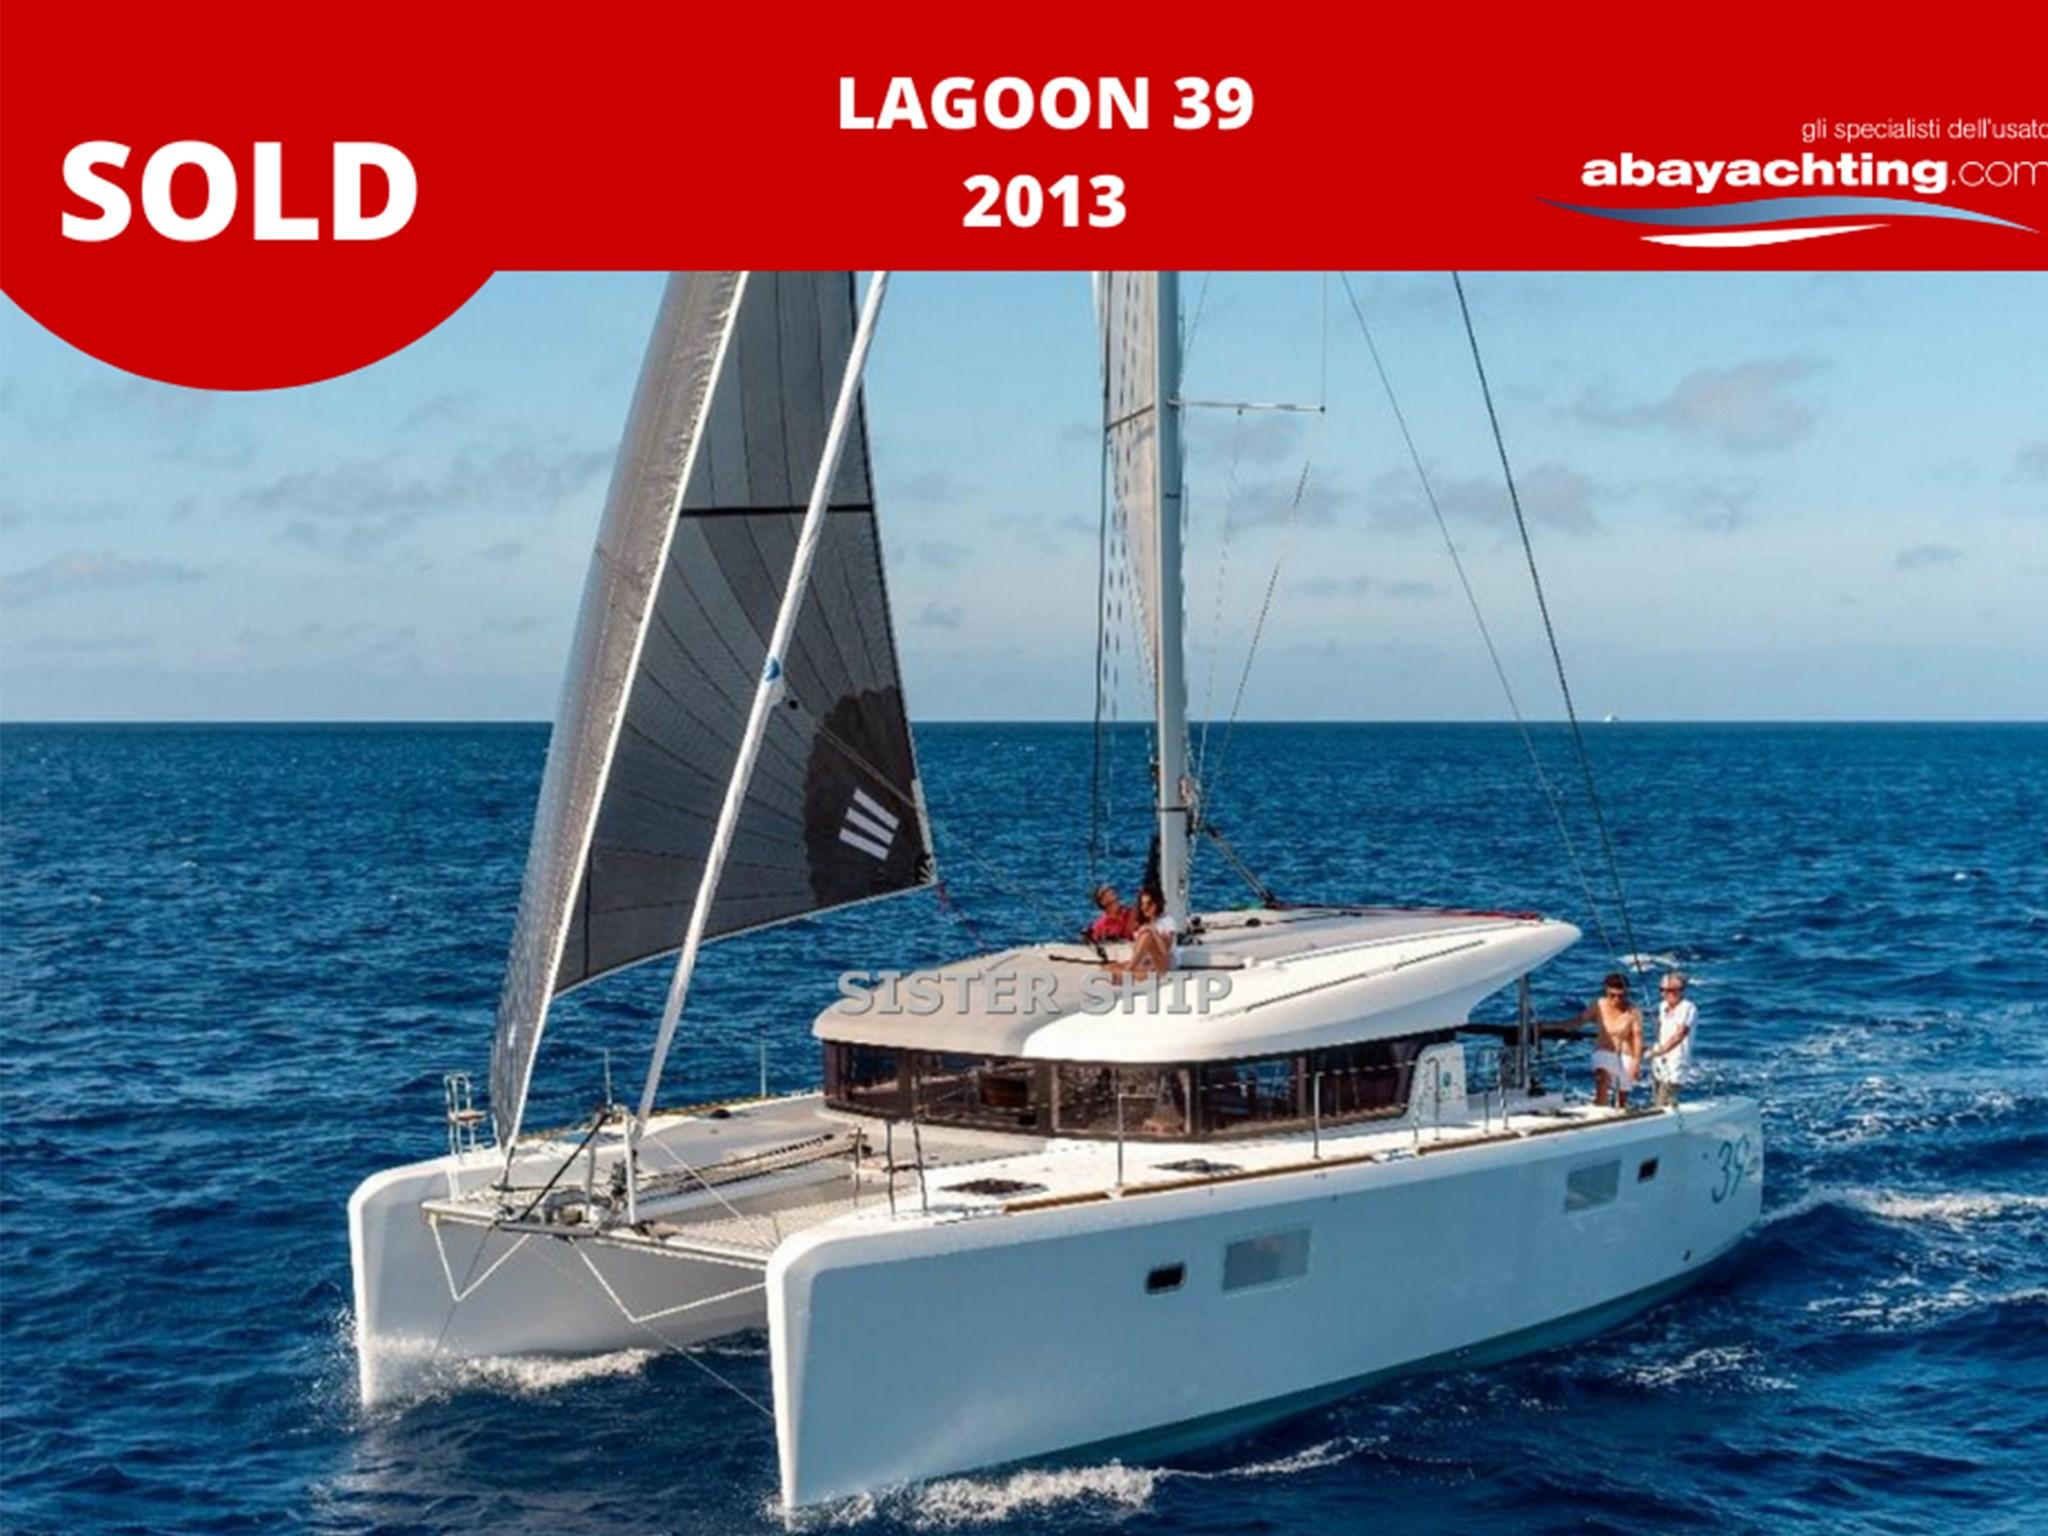 Lagoon 39 sold